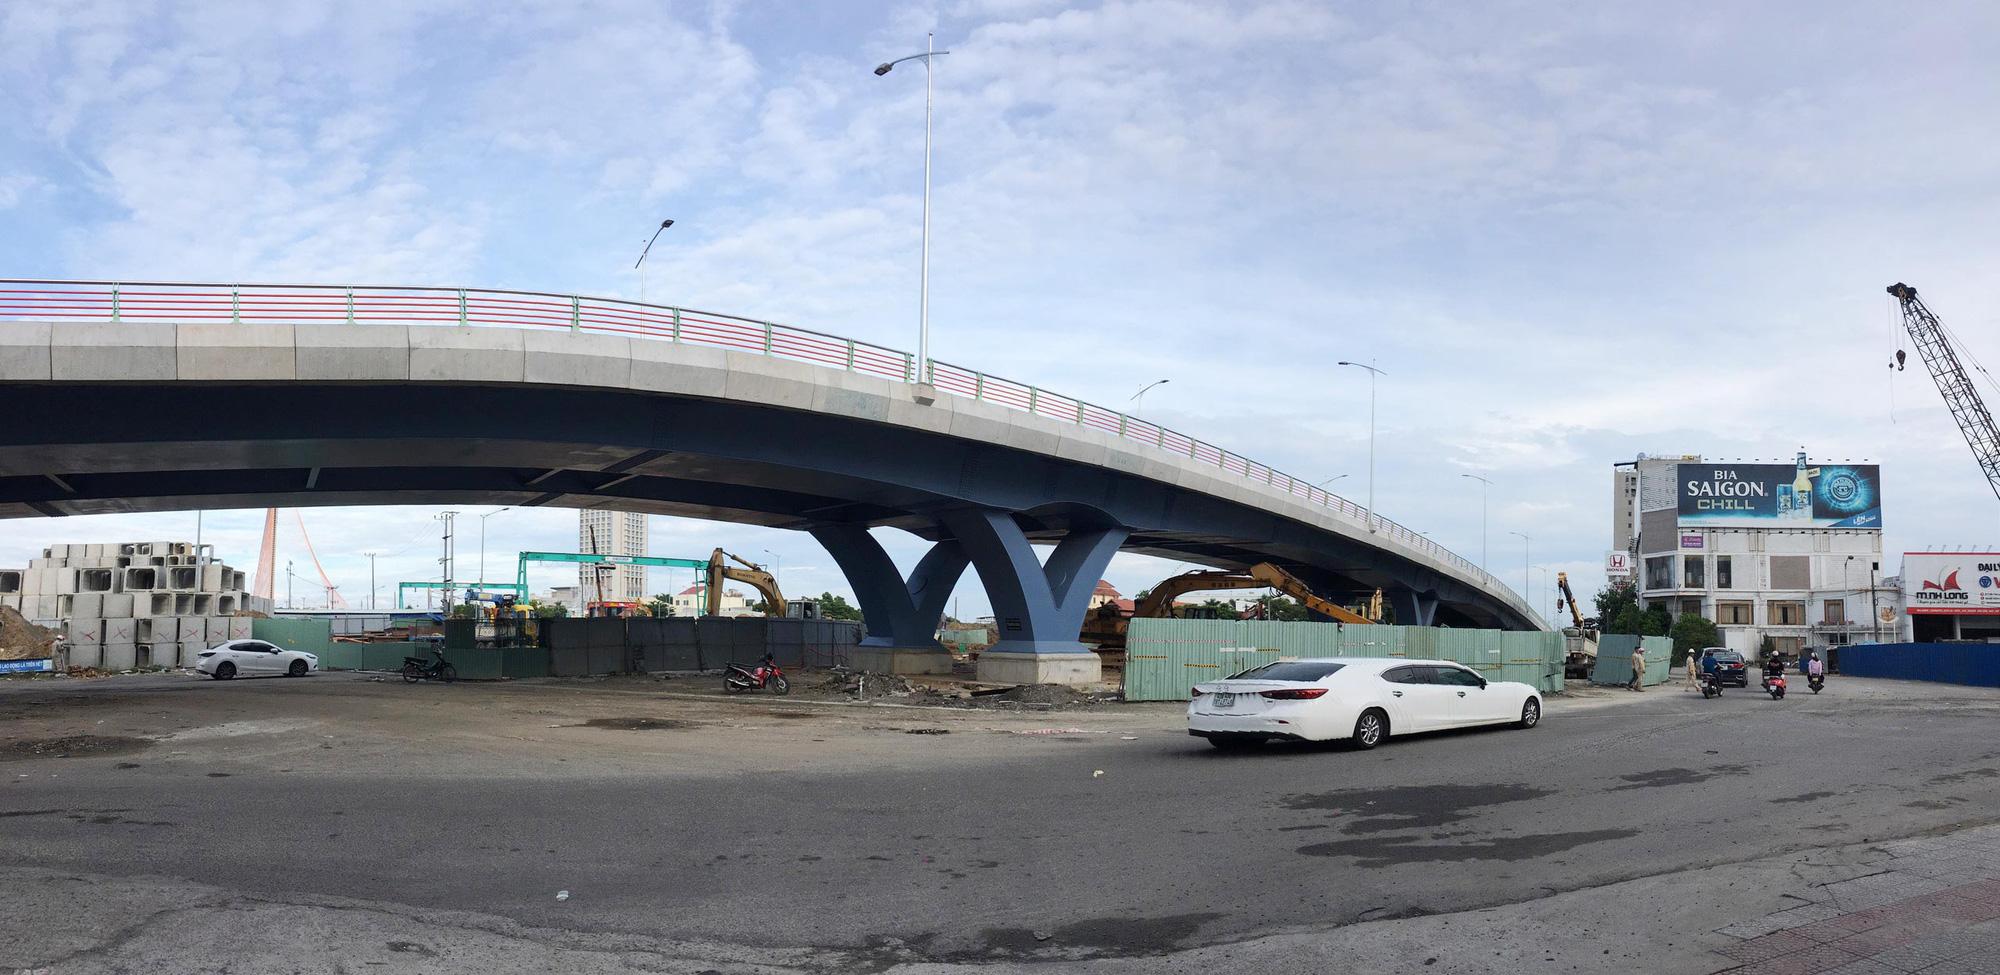 Cầu vượt đường 2 tháng 9 Đà Nẵng thành hình sau 15 tháng thi công - Ảnh 7.